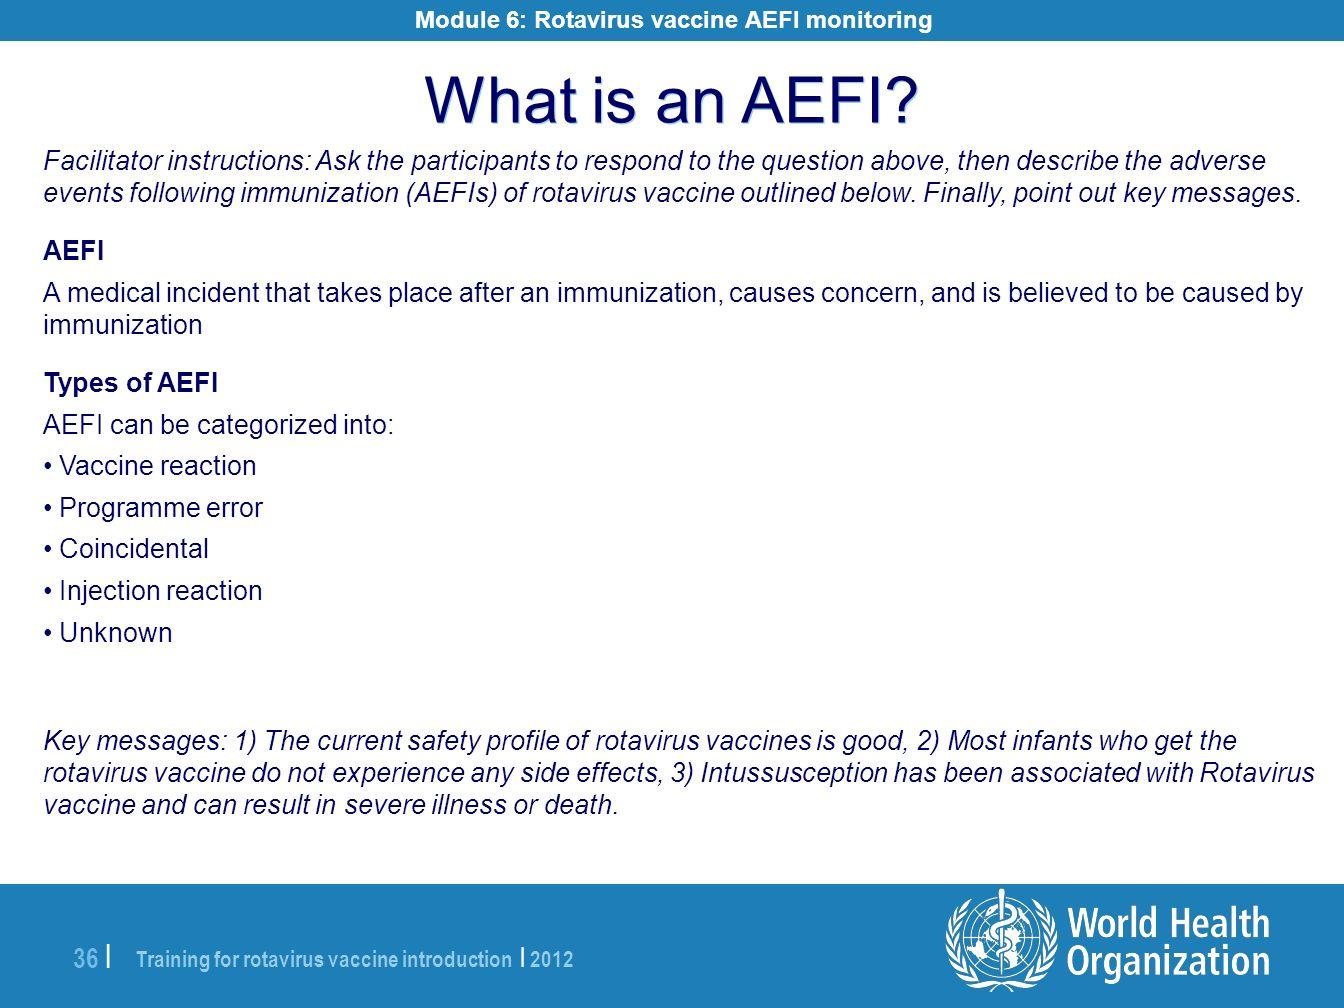 Module 6: Rotavirus vaccine AEFI monitoring